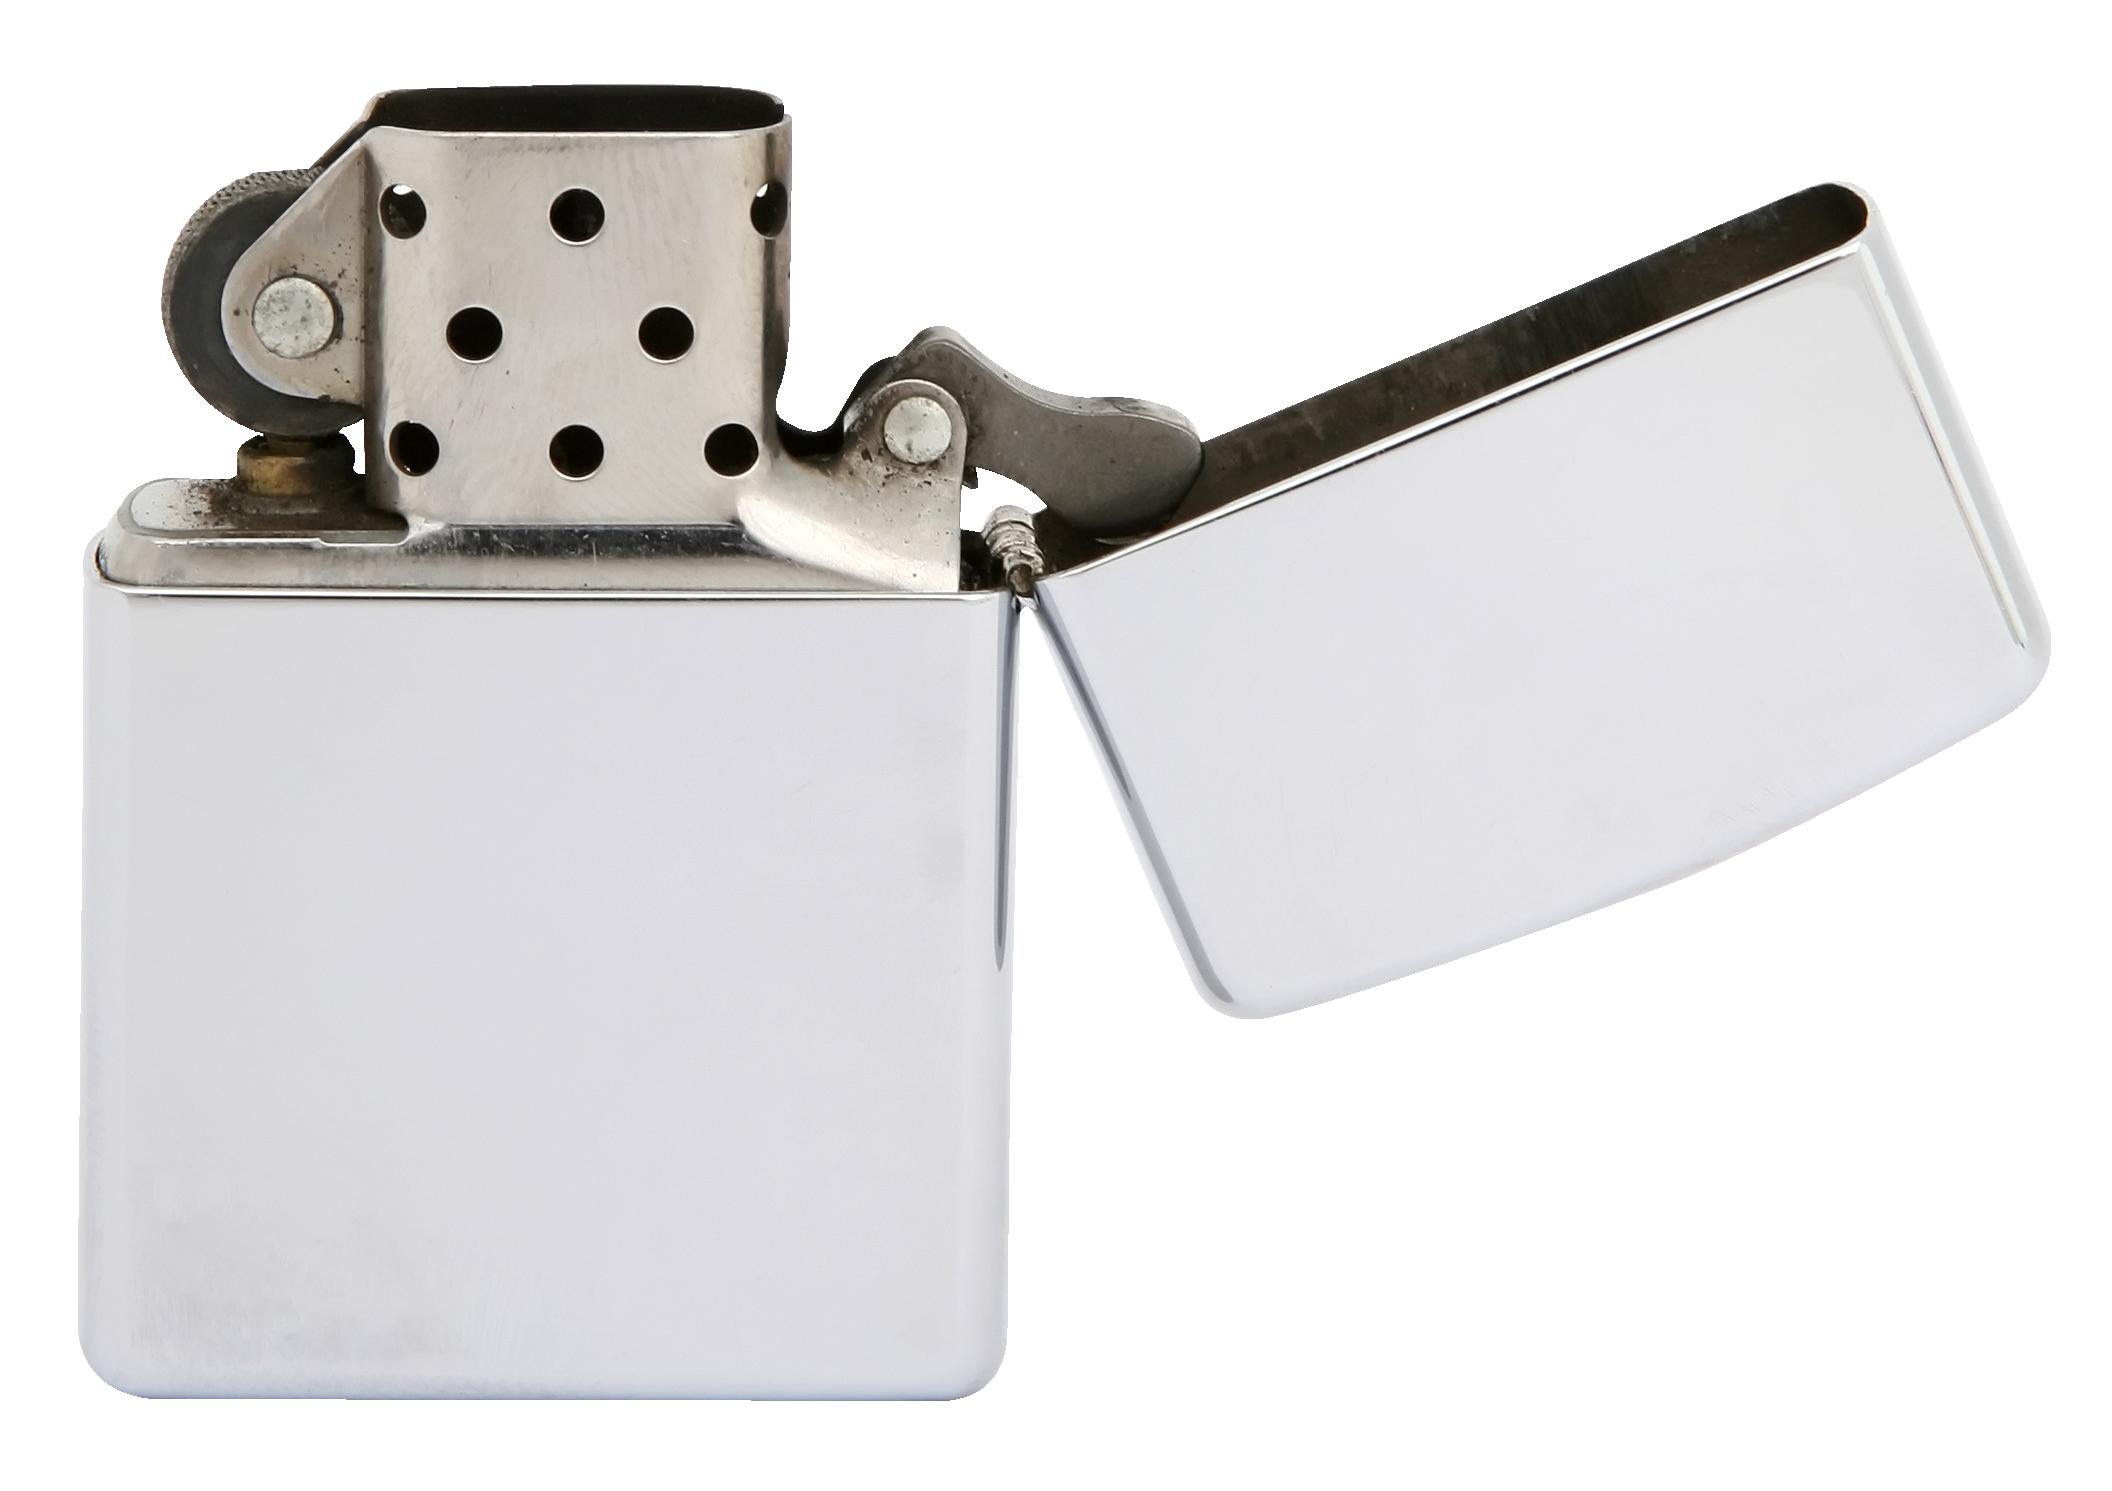 Lighter Zippo Png Image Lighter Zippo Zippo Lighter